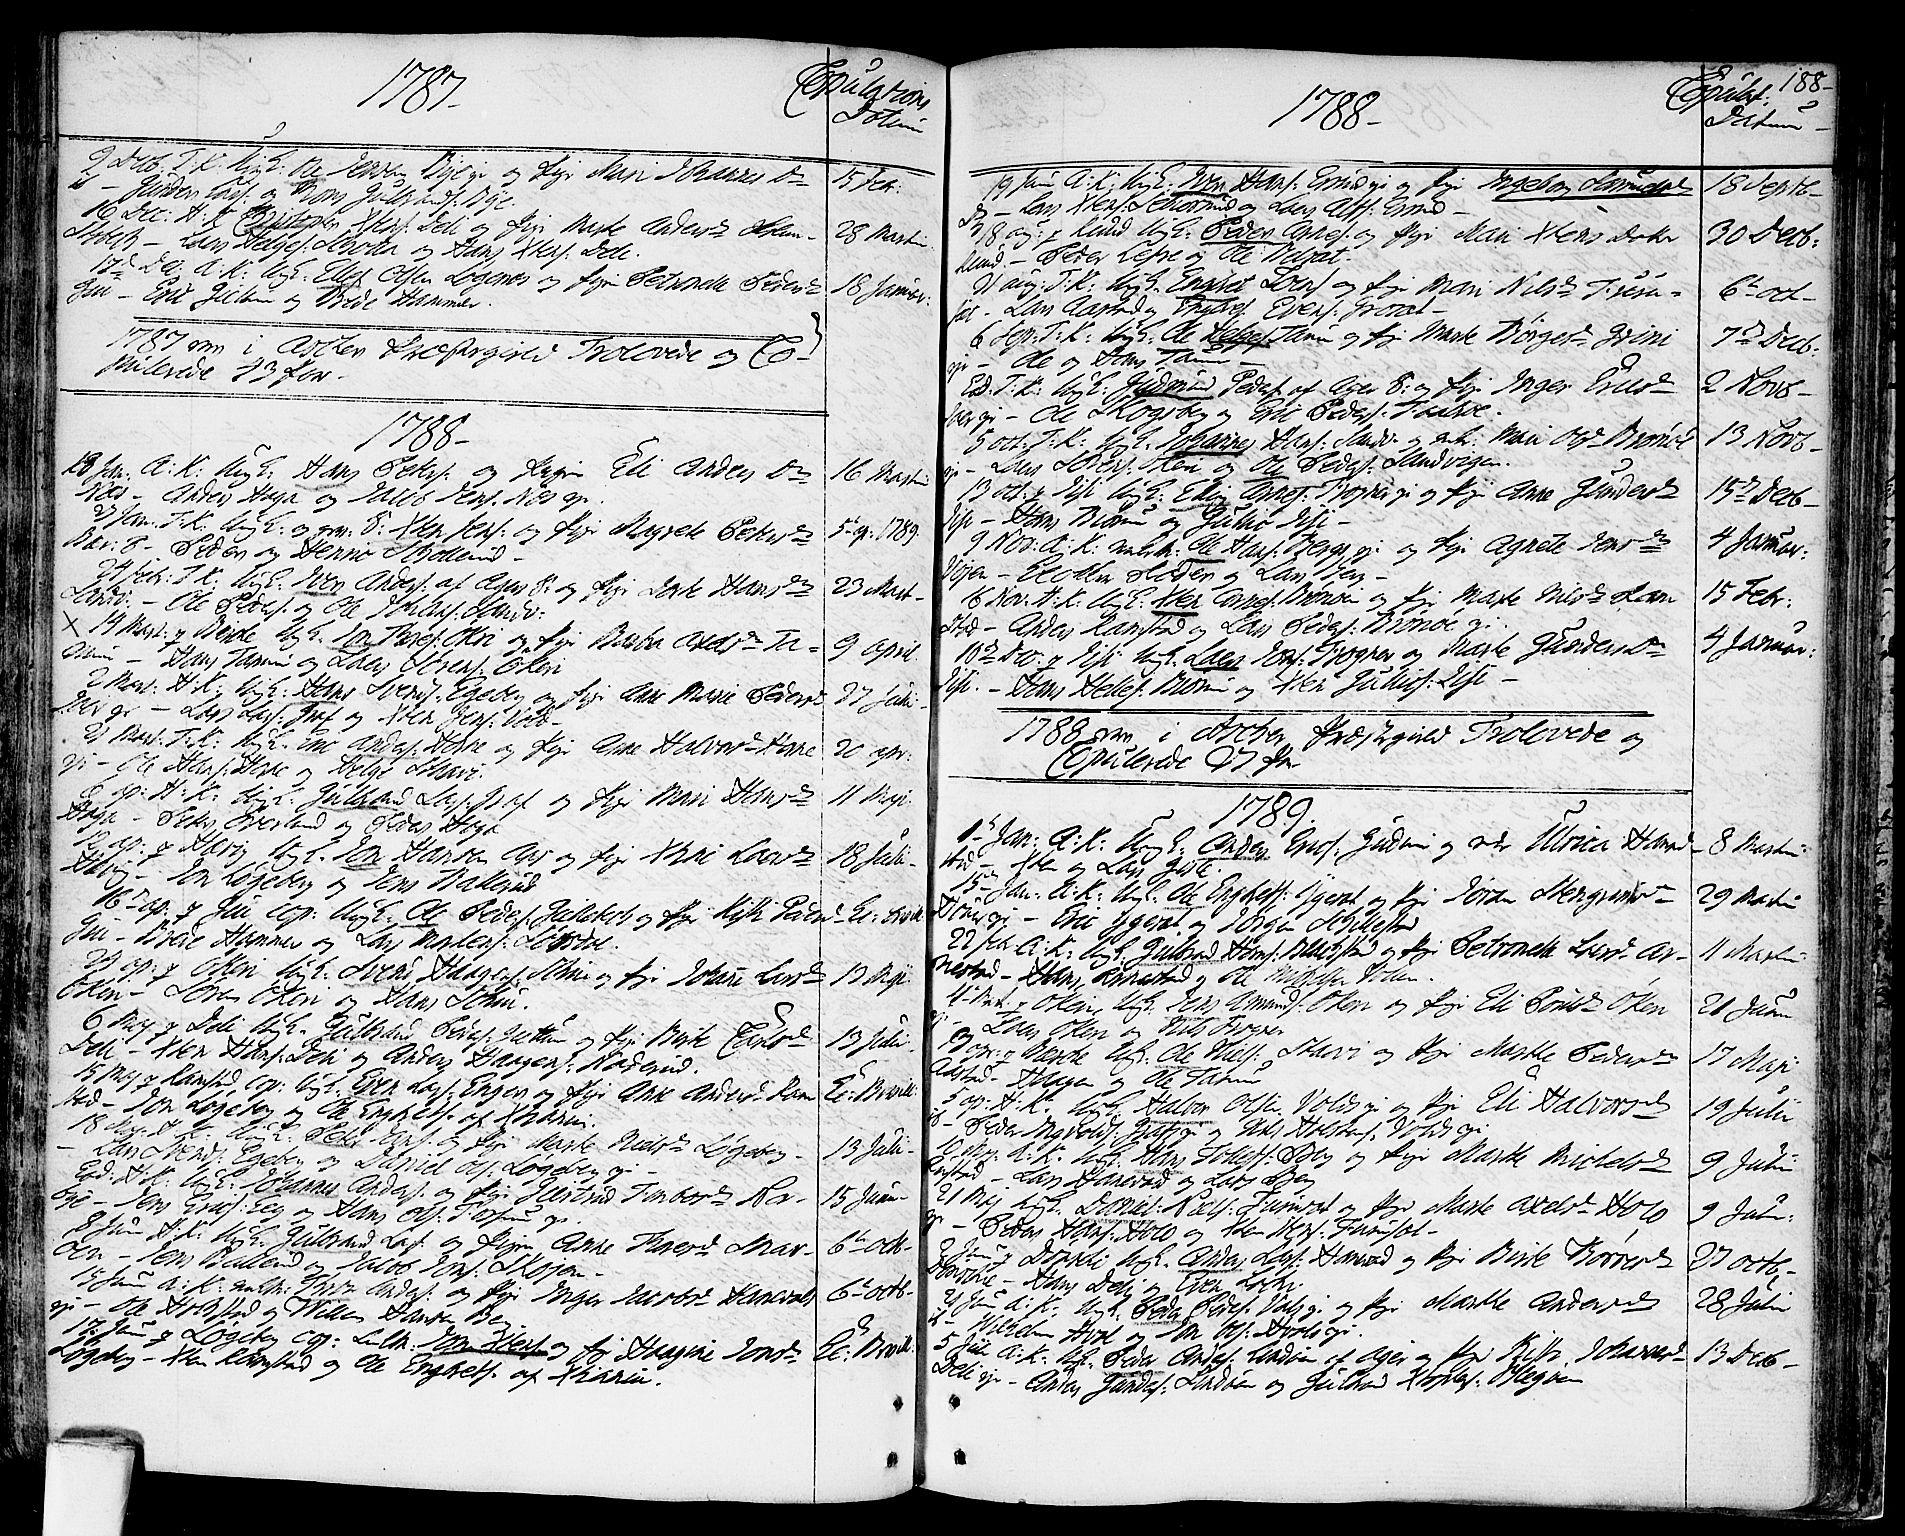 SAO, Asker prestekontor Kirkebøker, F/Fa/L0003: Ministerialbok nr. I 3, 1767-1807, s. 188